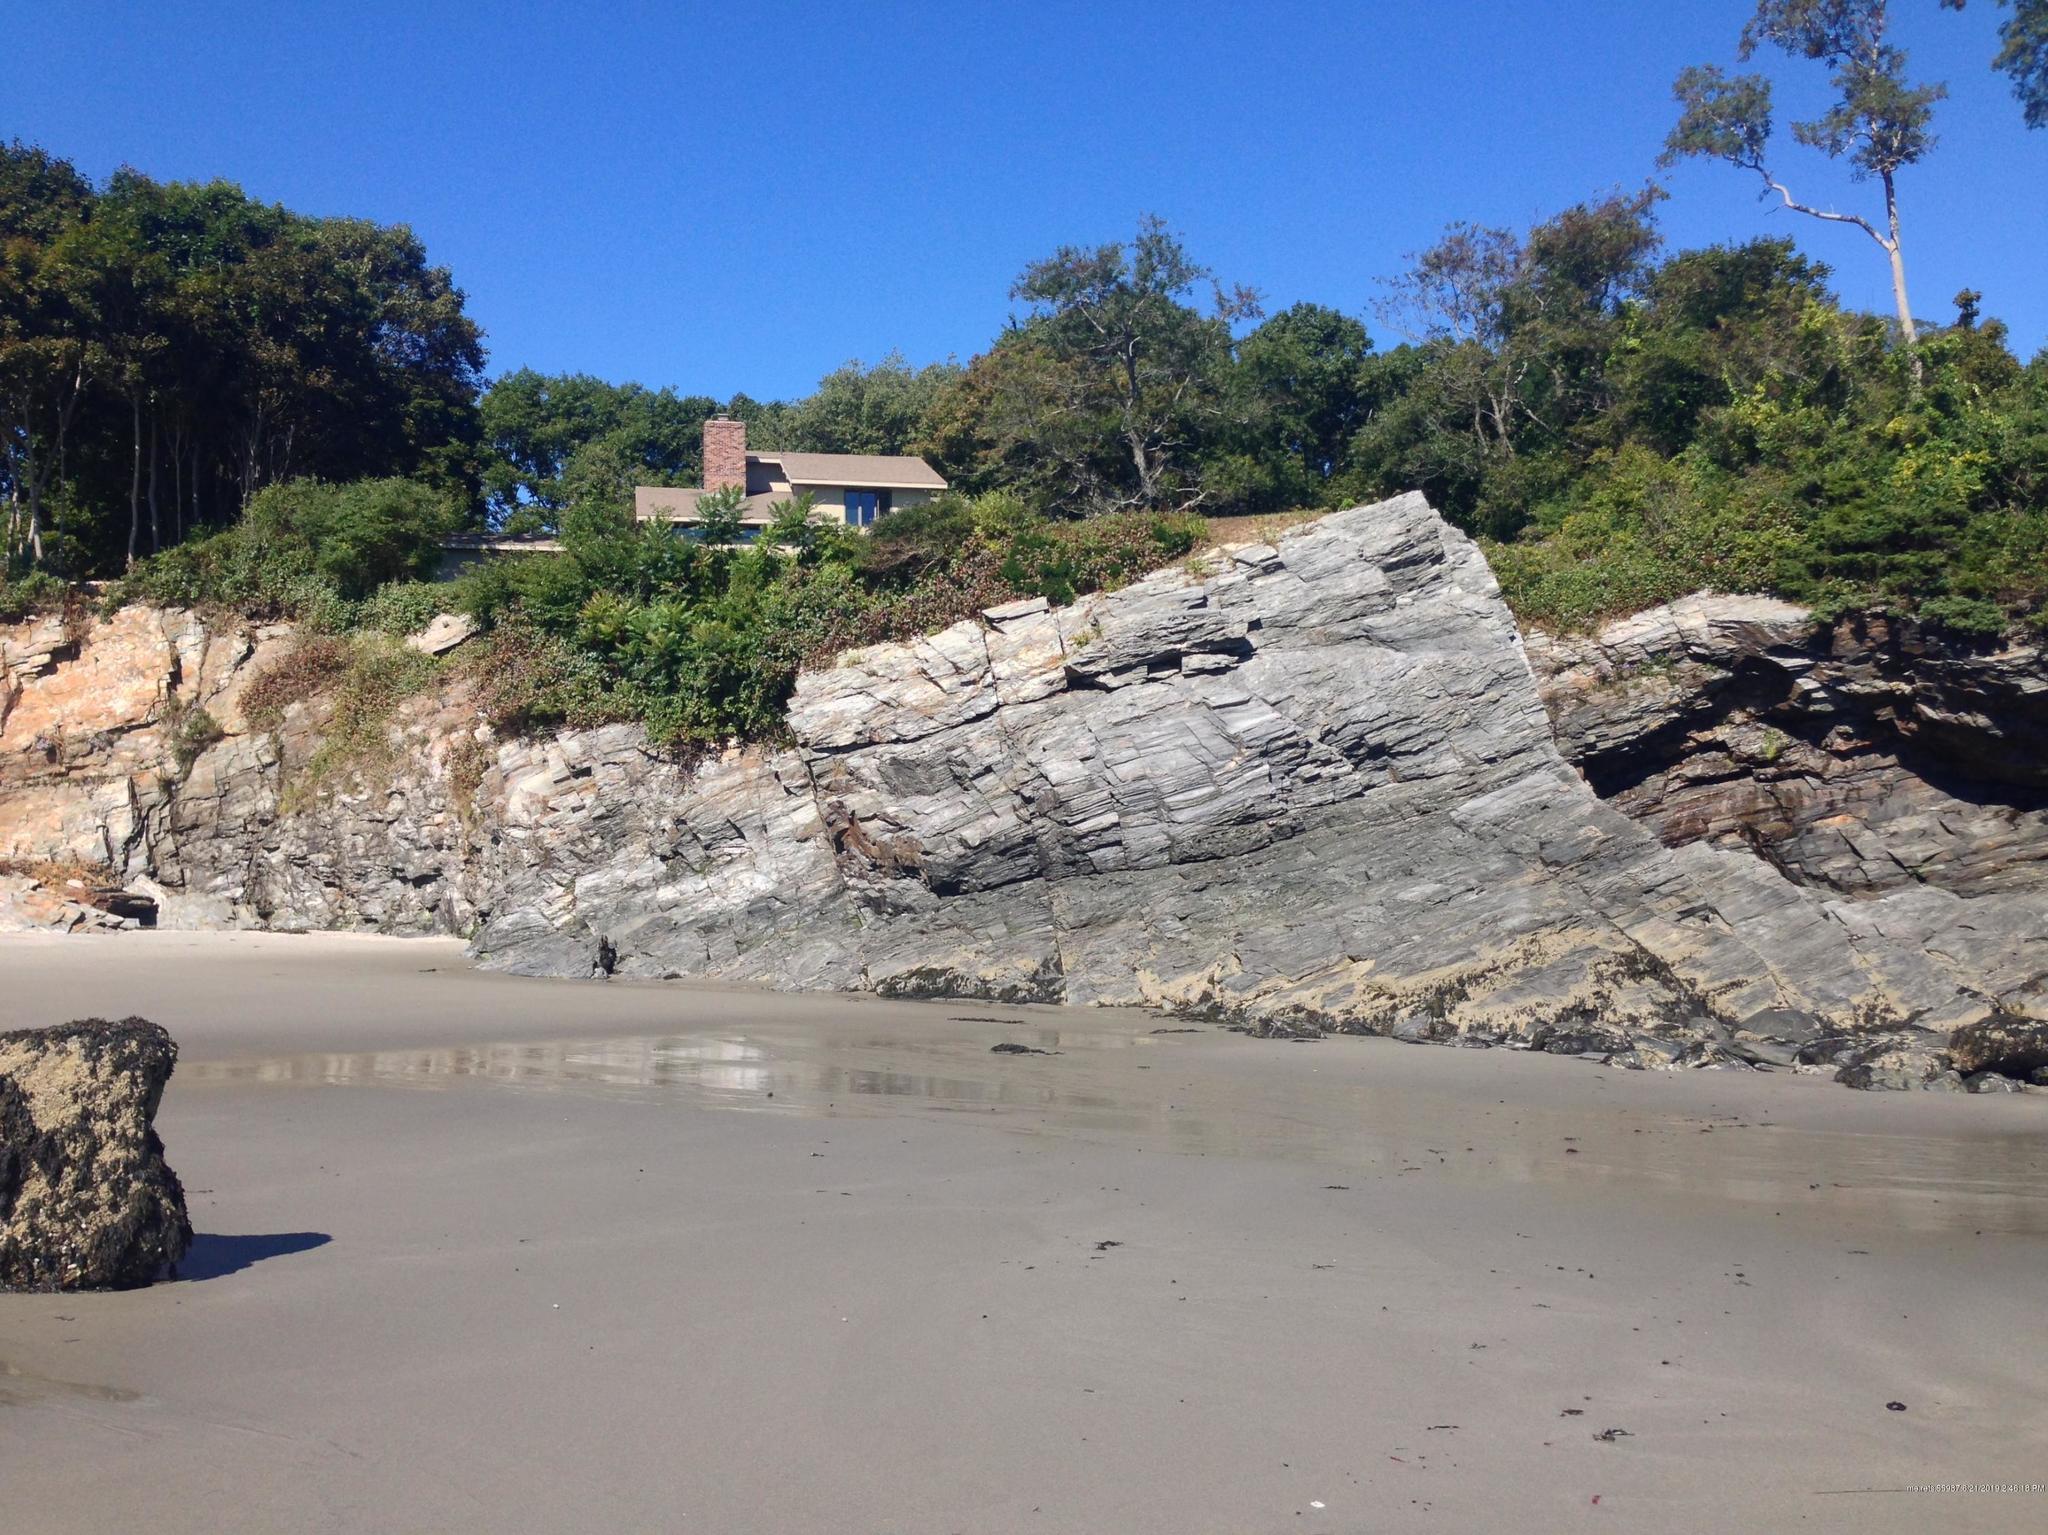 Photo of 1154 Shore Road Cape Elizabeth ME 04107